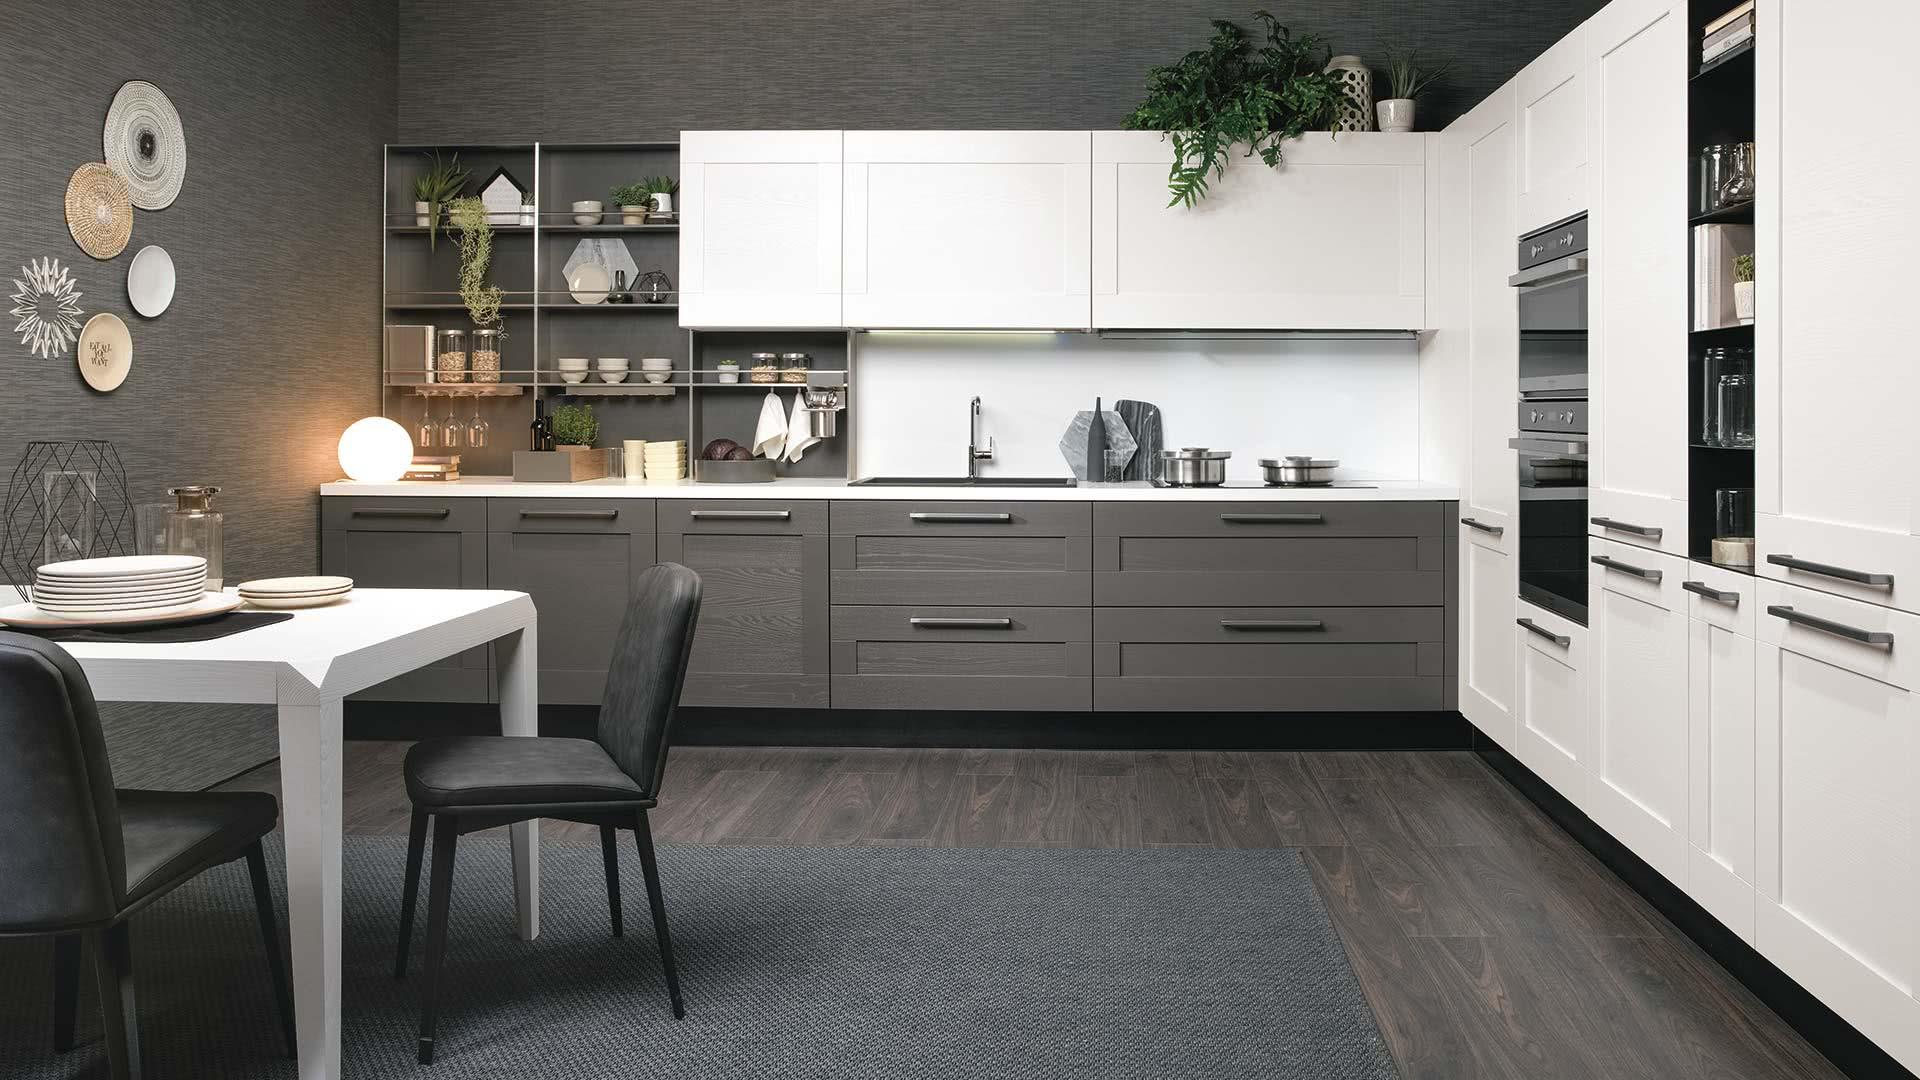 Comprare Cucina A Legna.Cucine Classiche E Moderne Arredamento